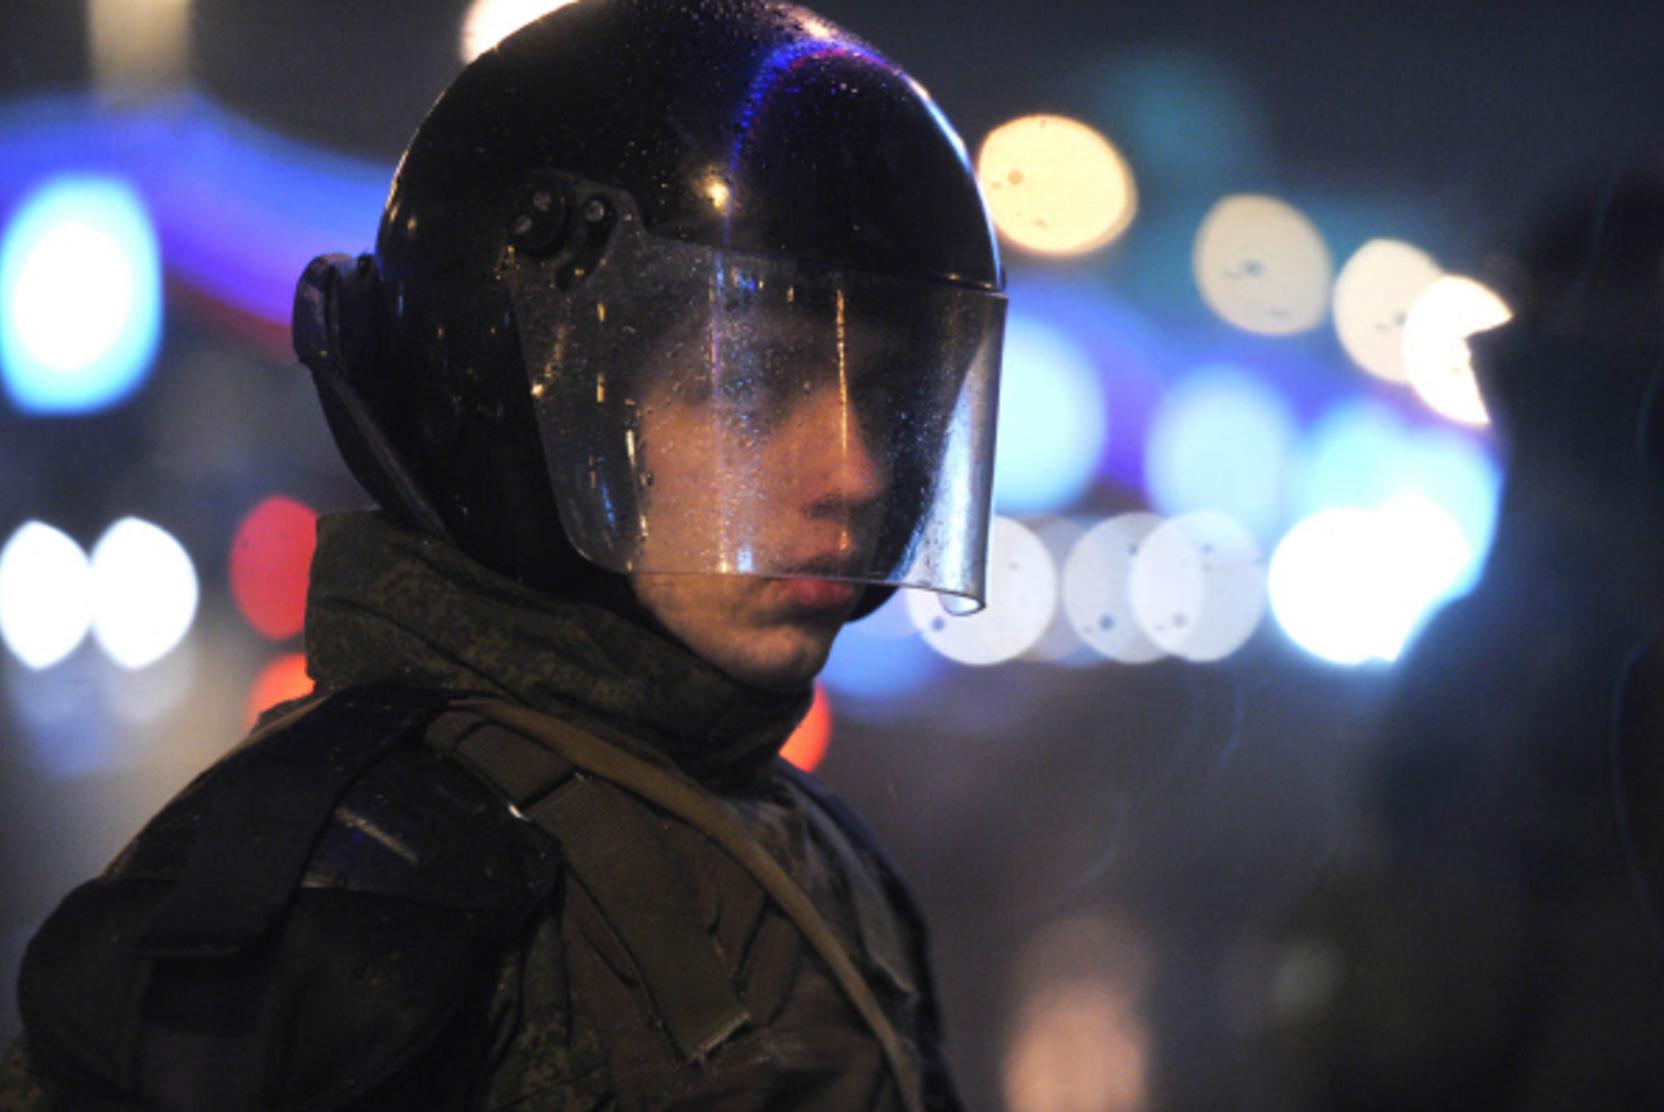 СМИ сообщили о задержаниях в Москве сторонников Фургала на несанкционированной акции